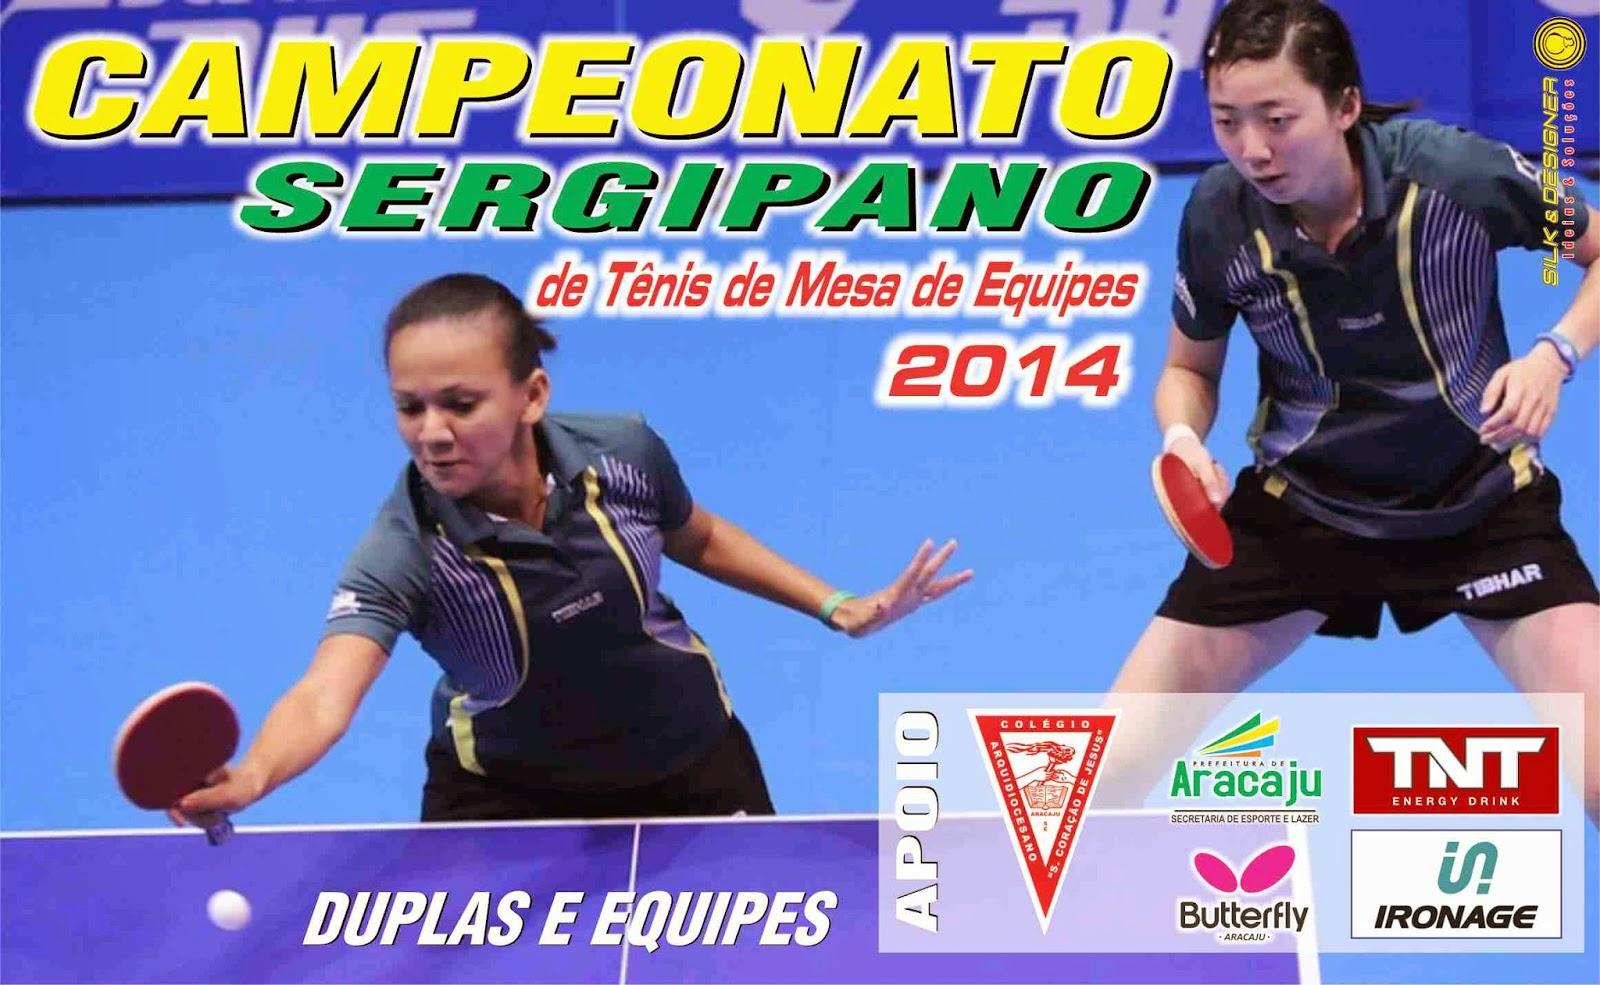 29624b508 A Federação de Tênis de Mesa de Sergipe também informa que o II turno do  campeonato de clubes já tem data marcada para os dias 20 e 21 de dezembro